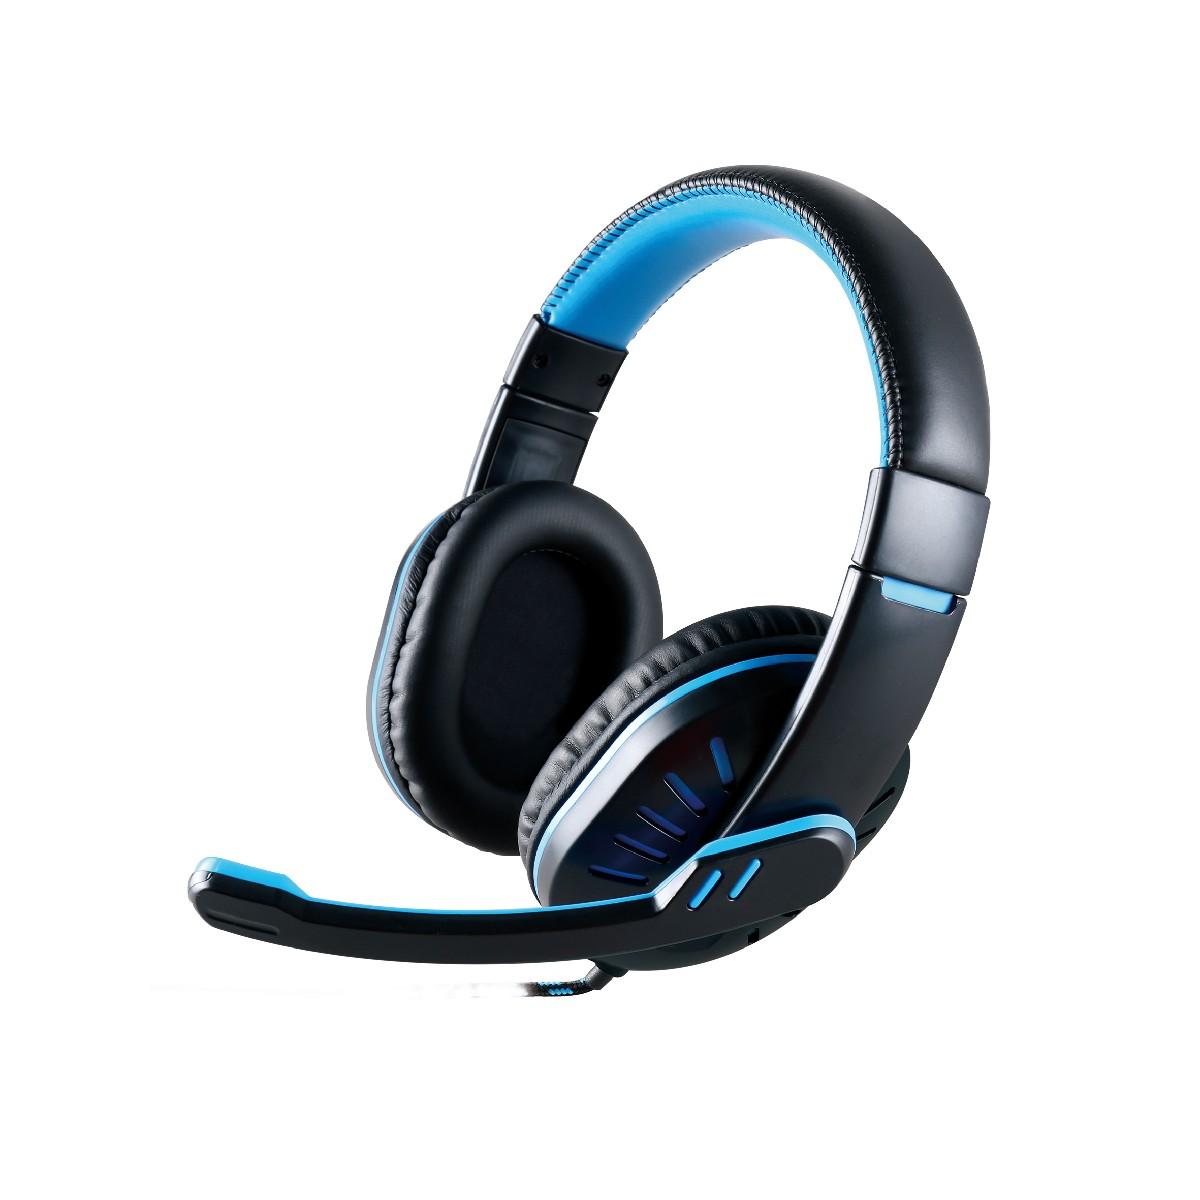 Ακουστικά Stereo Noozy GH-35 διπλού κονέκτορα 3.5mm για Gamers με Μικρόφωνο και Ρύθμιση Έντασης Ήχου Μαύρα-Μπλε